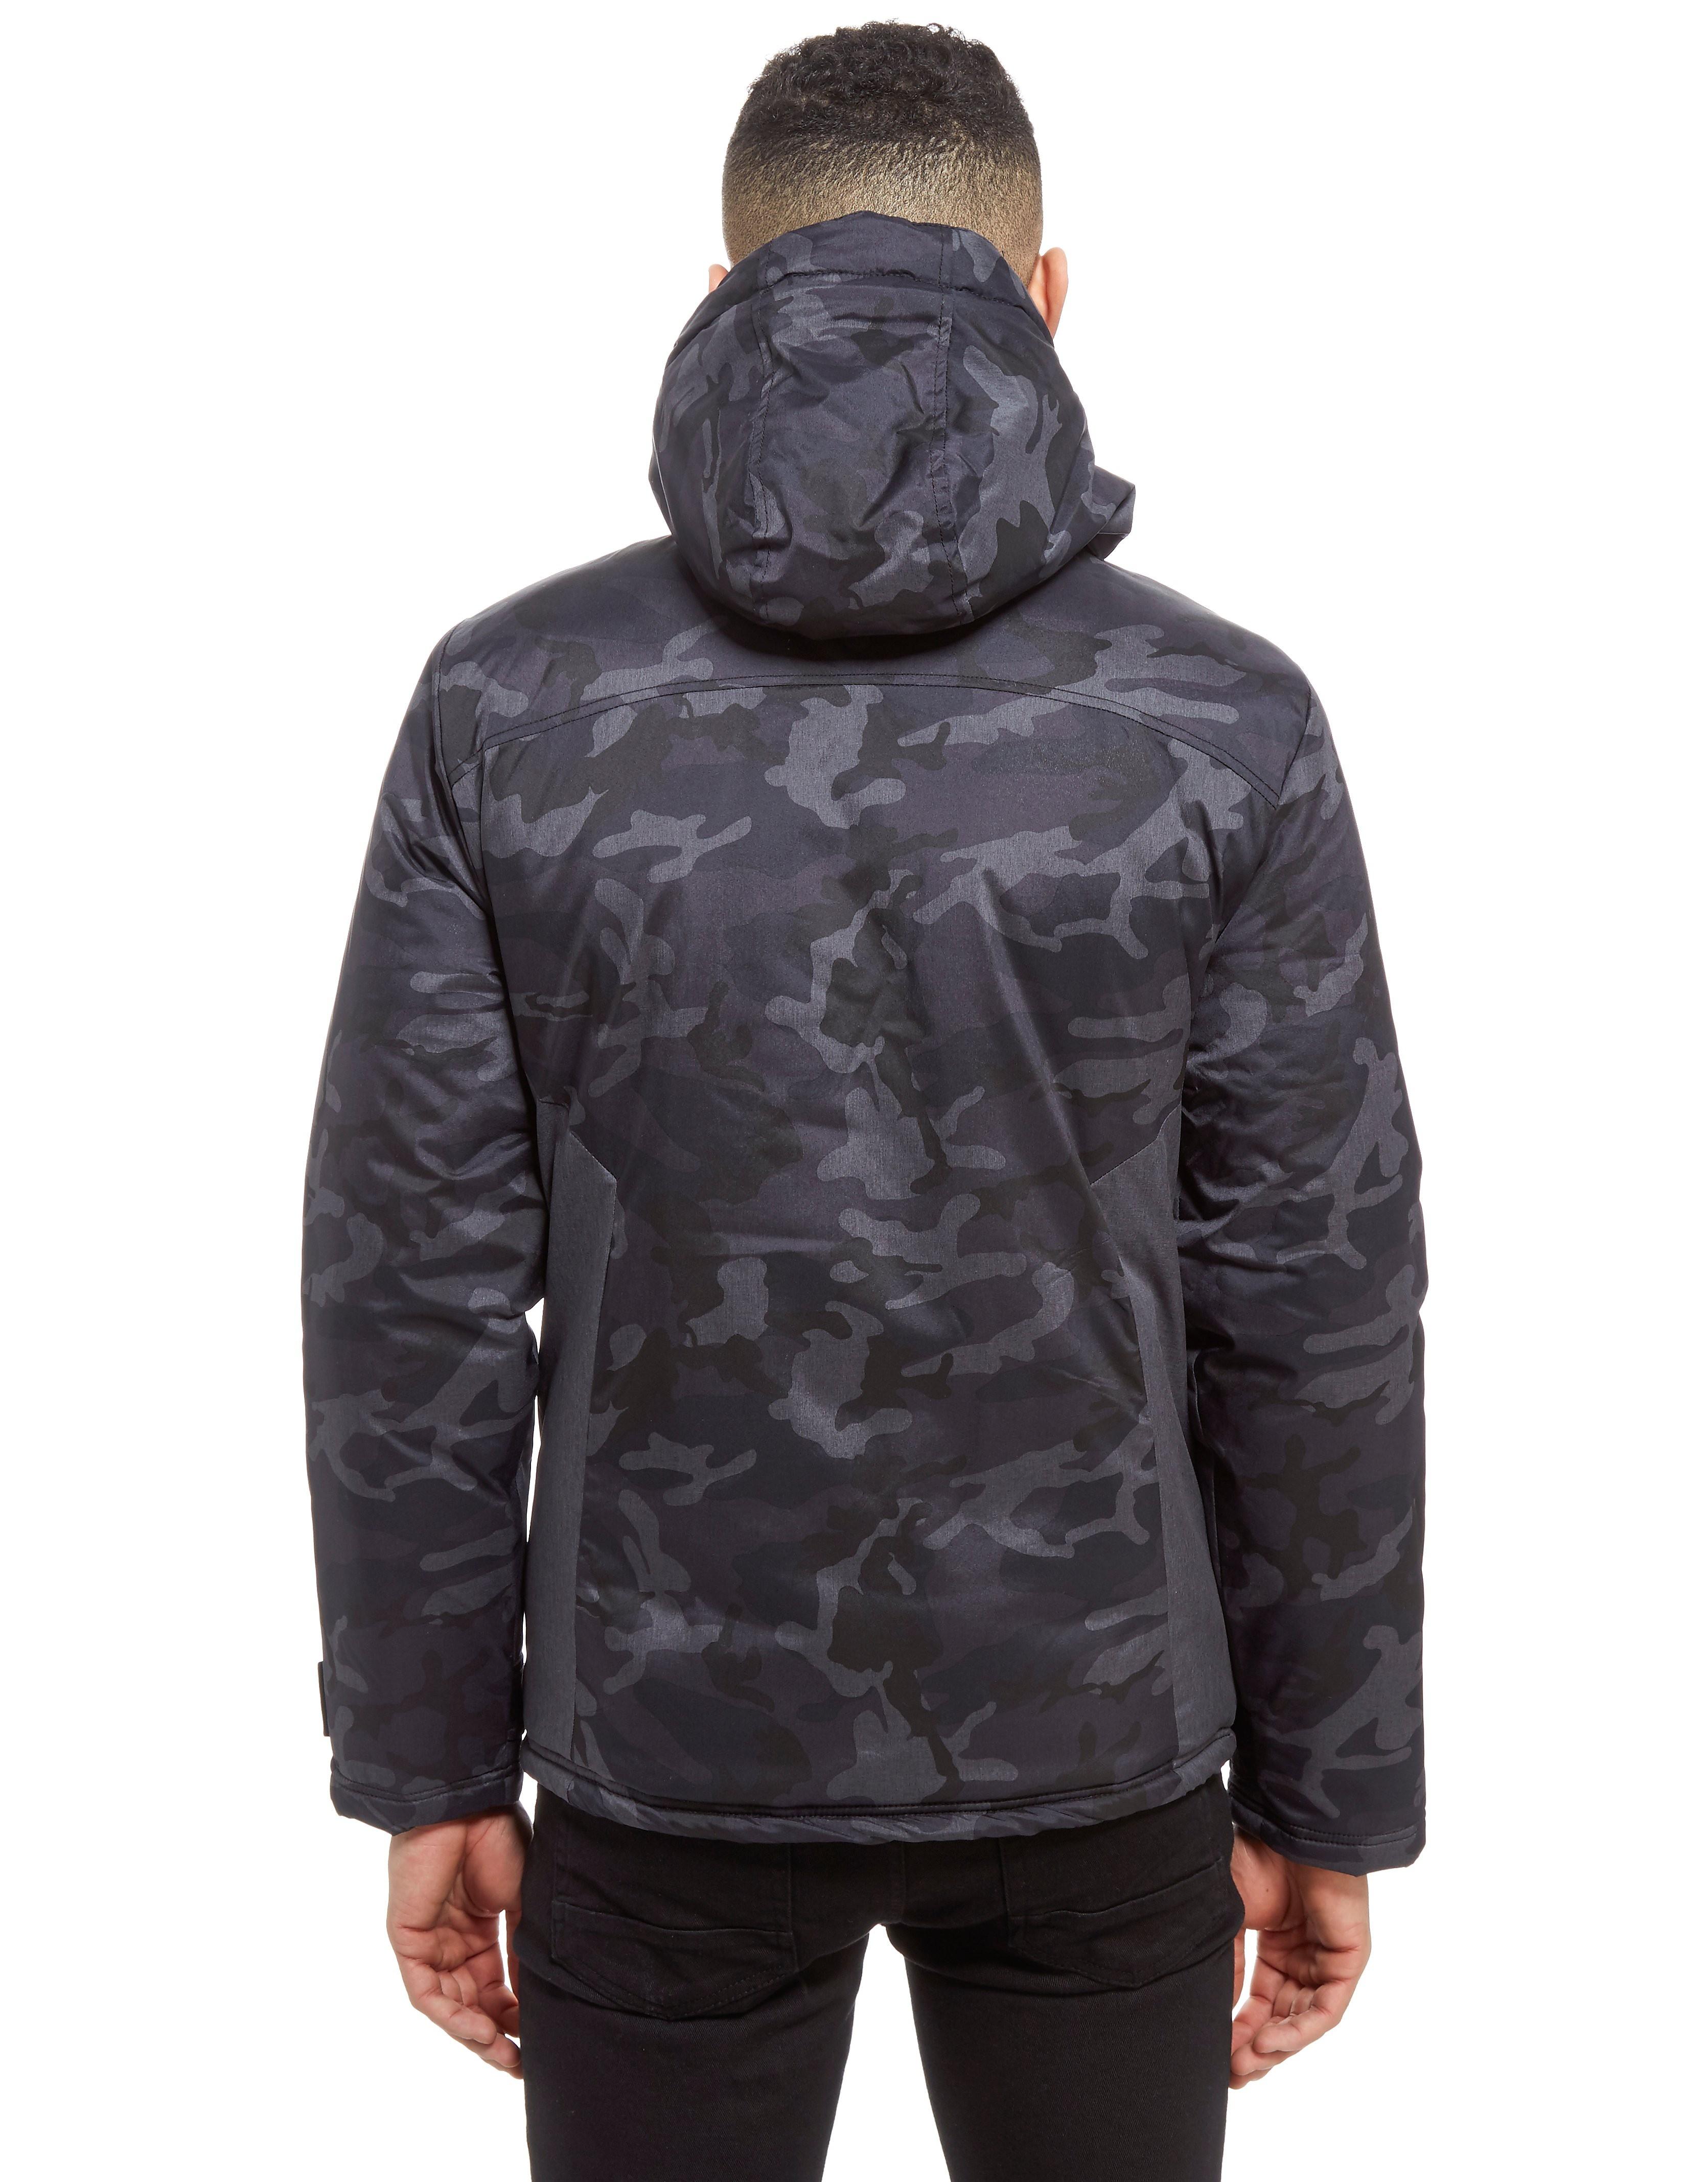 Supply & Demand Elmau Jacket